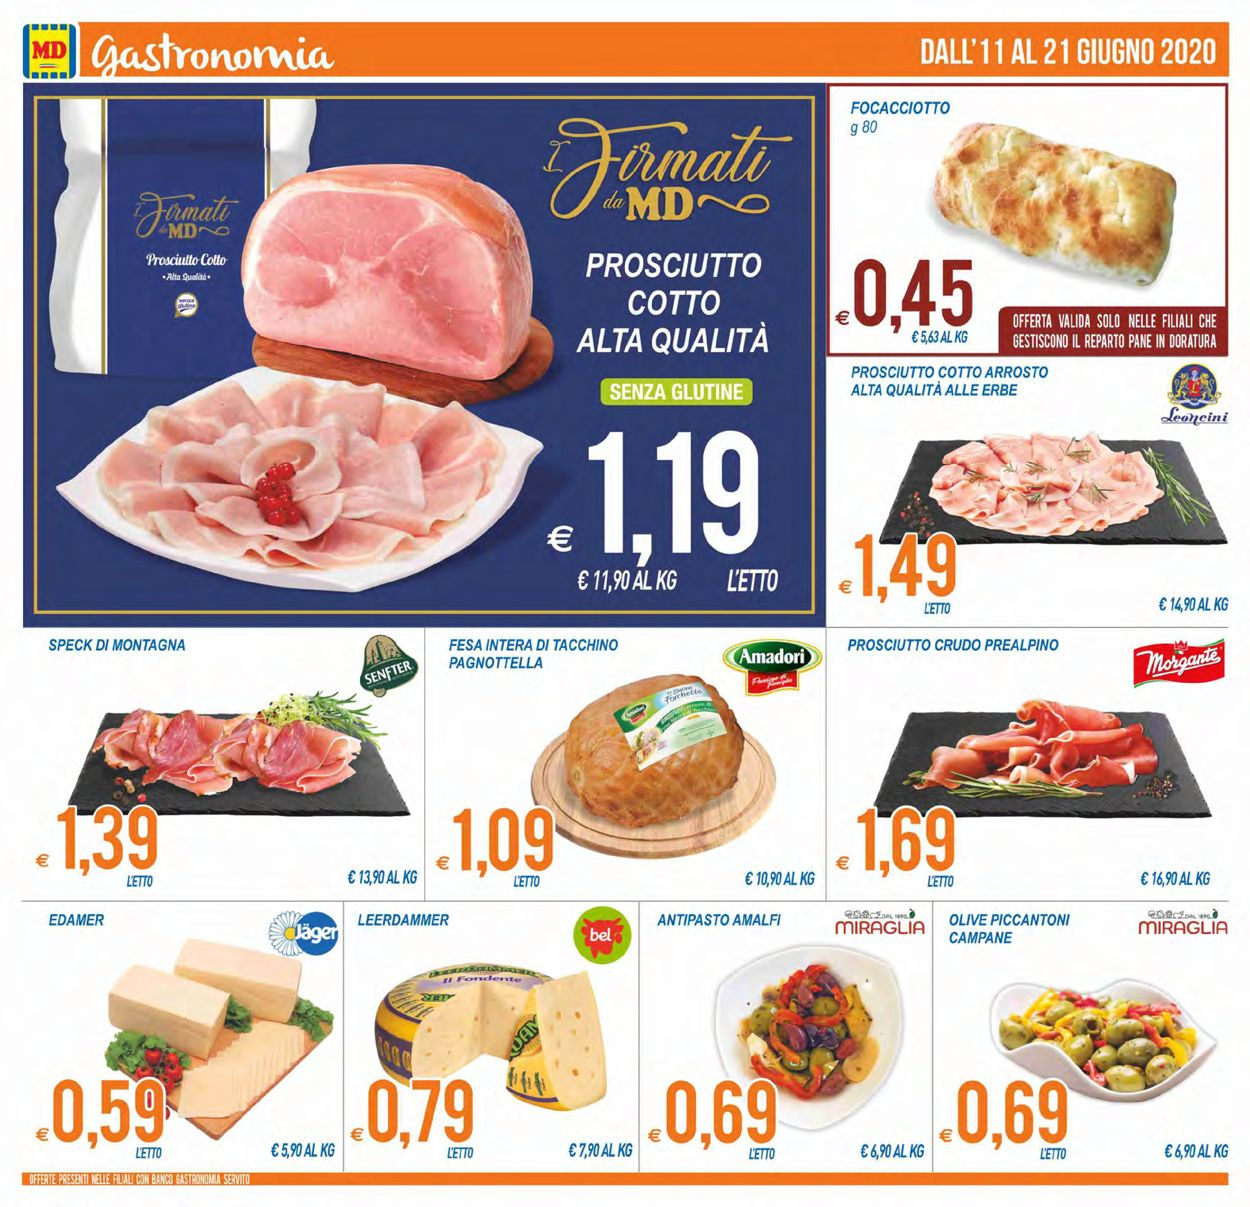 Volantino MD Discount - Offerte 11/06-21/06/2020 (Pagina 6)